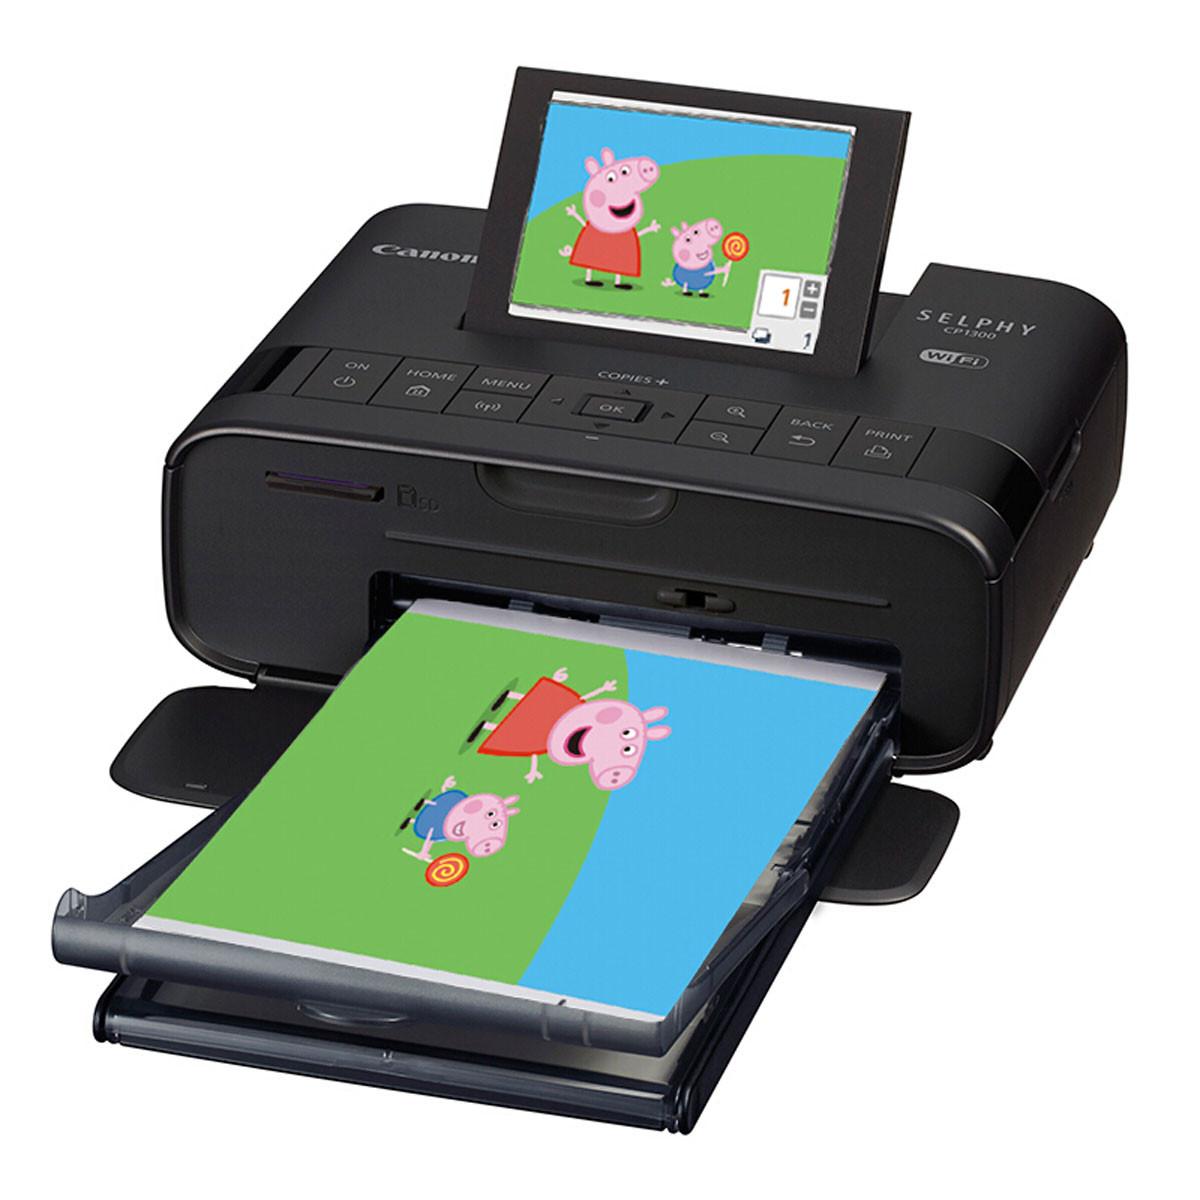 CP1300 手机照片打印机 迷你 家用 便携 手机wifi连接 经典黑